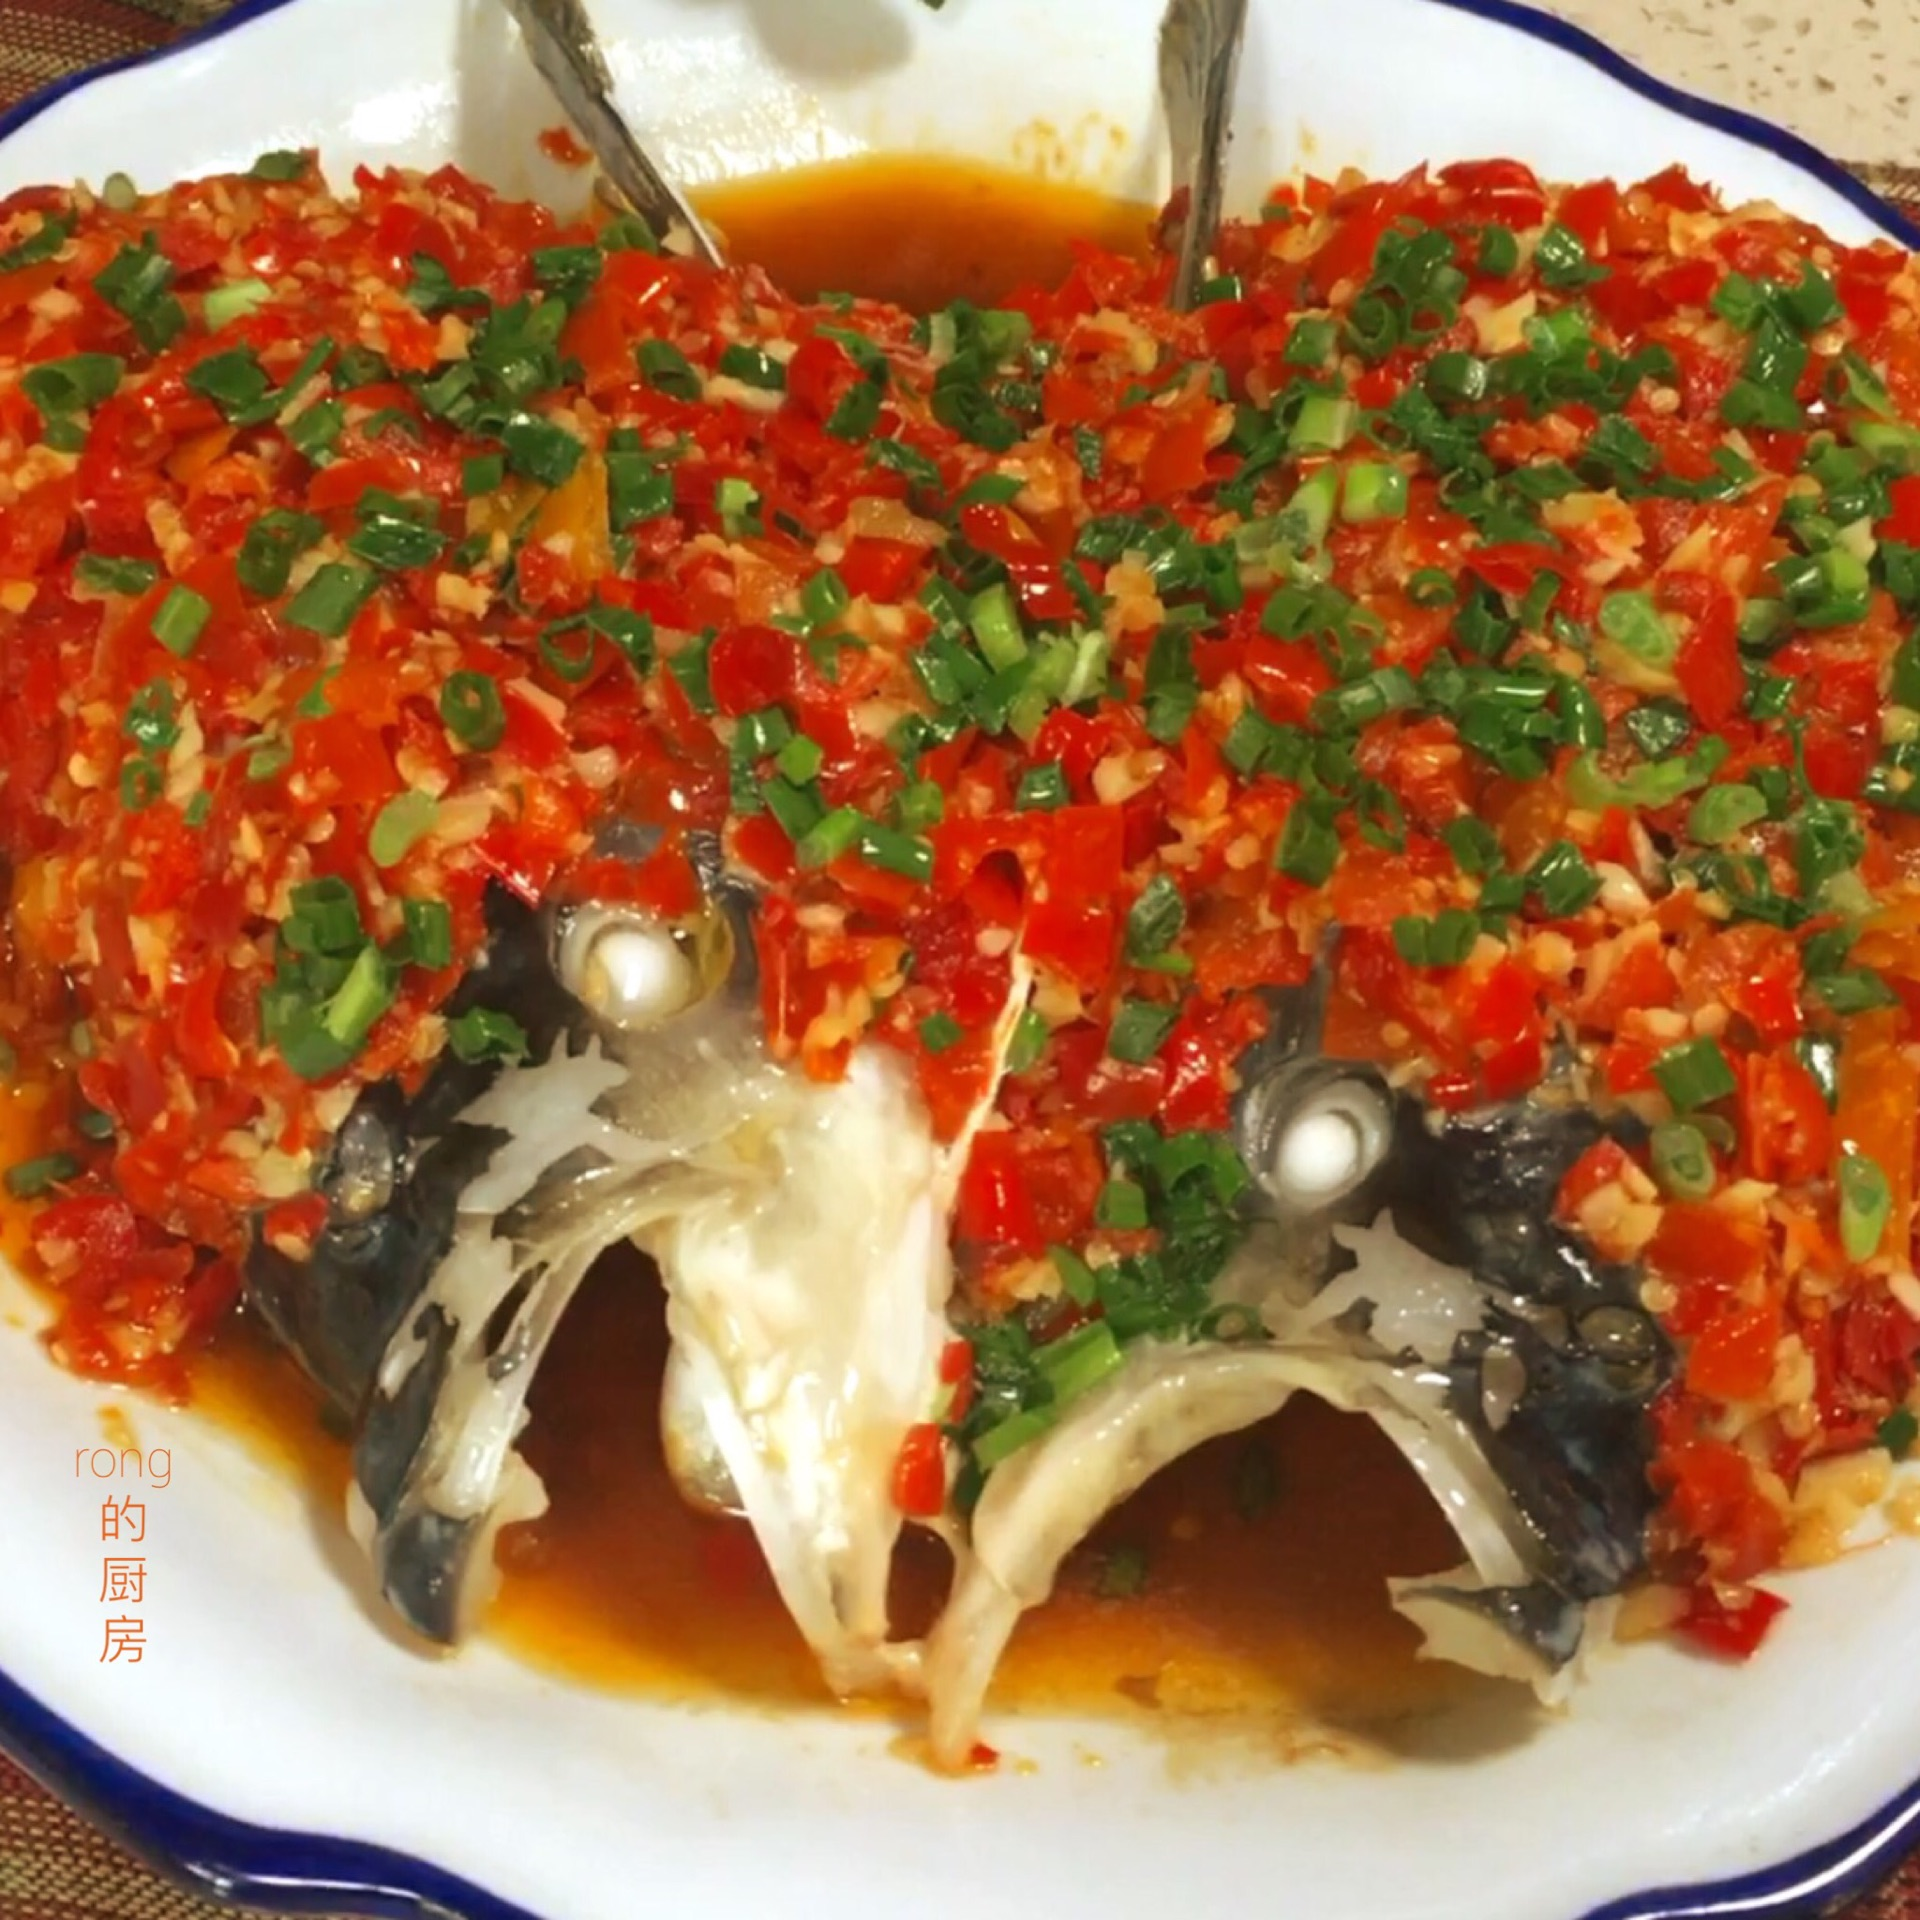 湘菜:剁椒鱼头的做法图解24